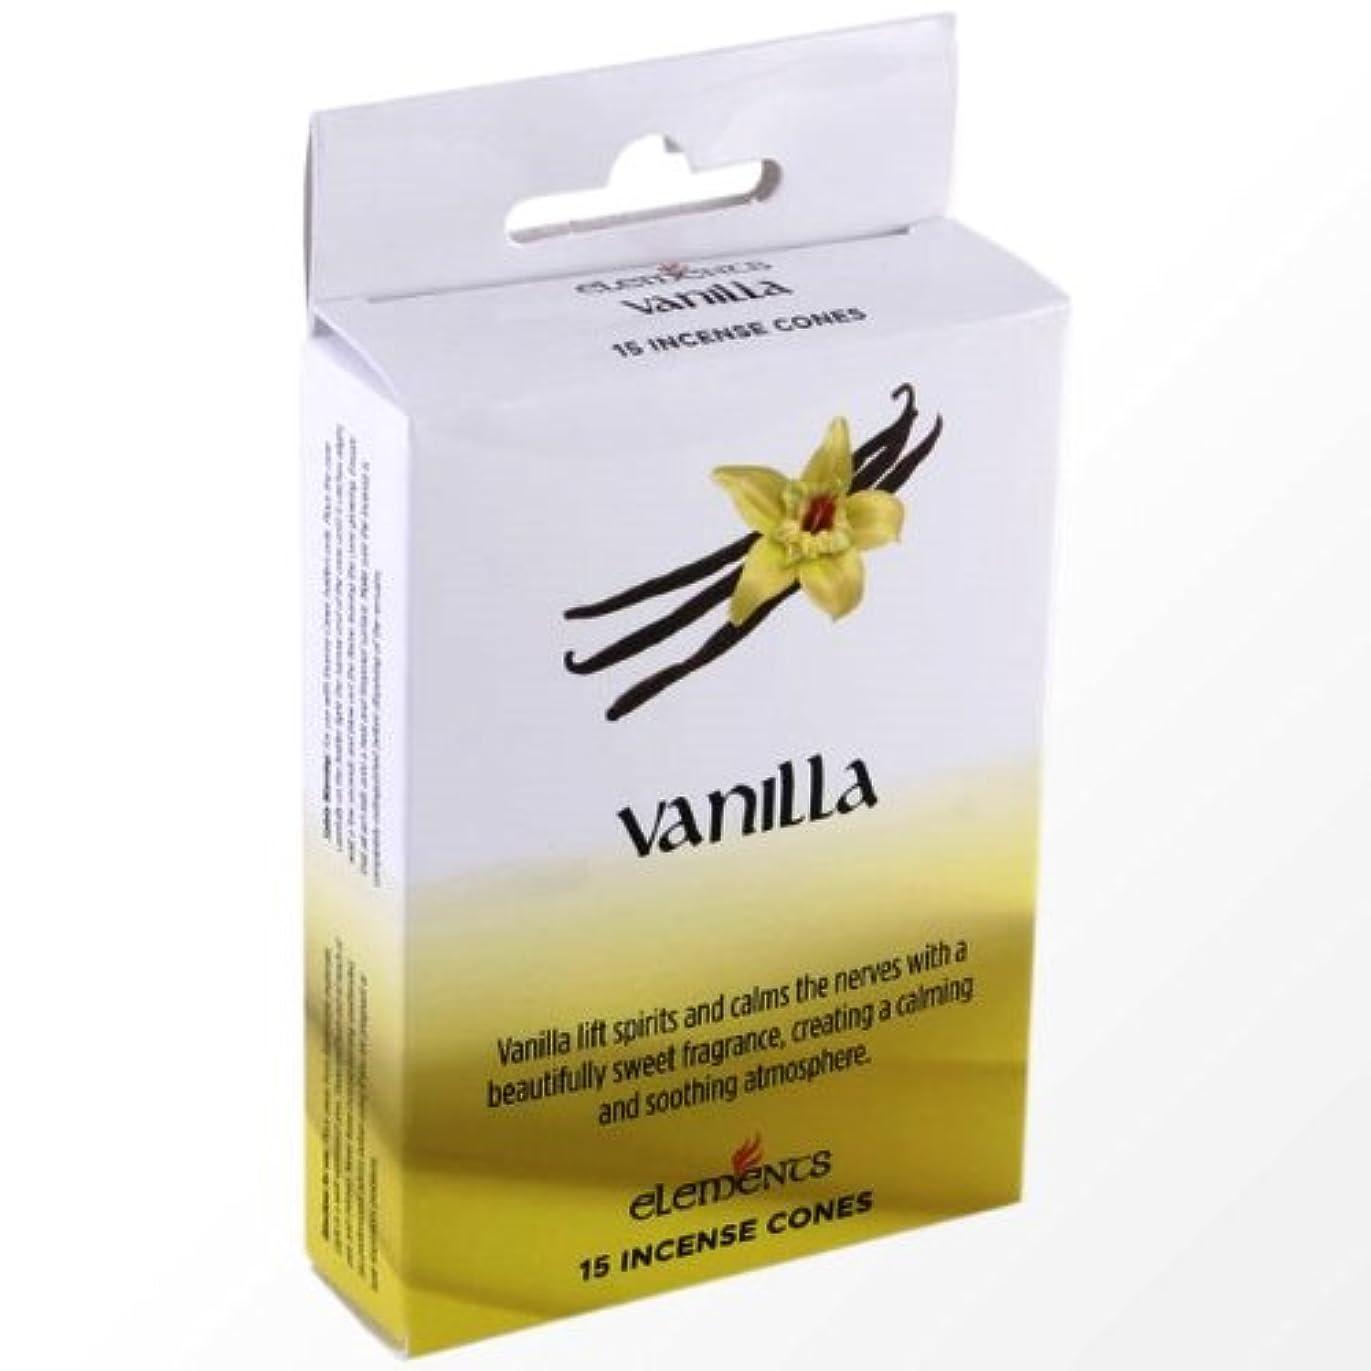 パックカフェ悪い(VANILLA) - Box of 15 Indian Incense Cones Elements (VANILLA)